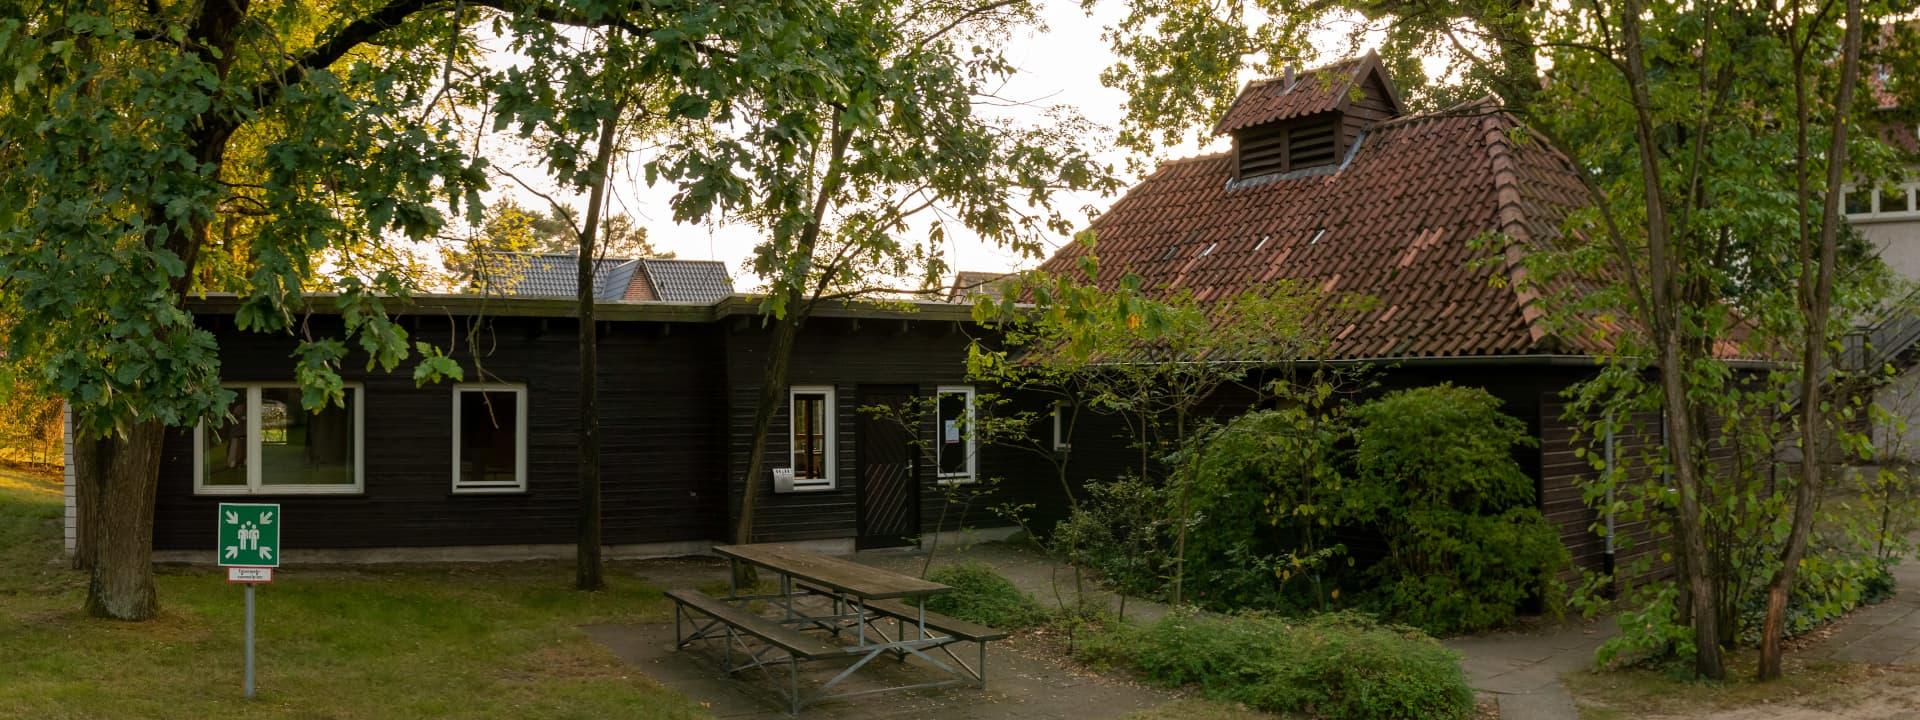 Blockhütte von außen